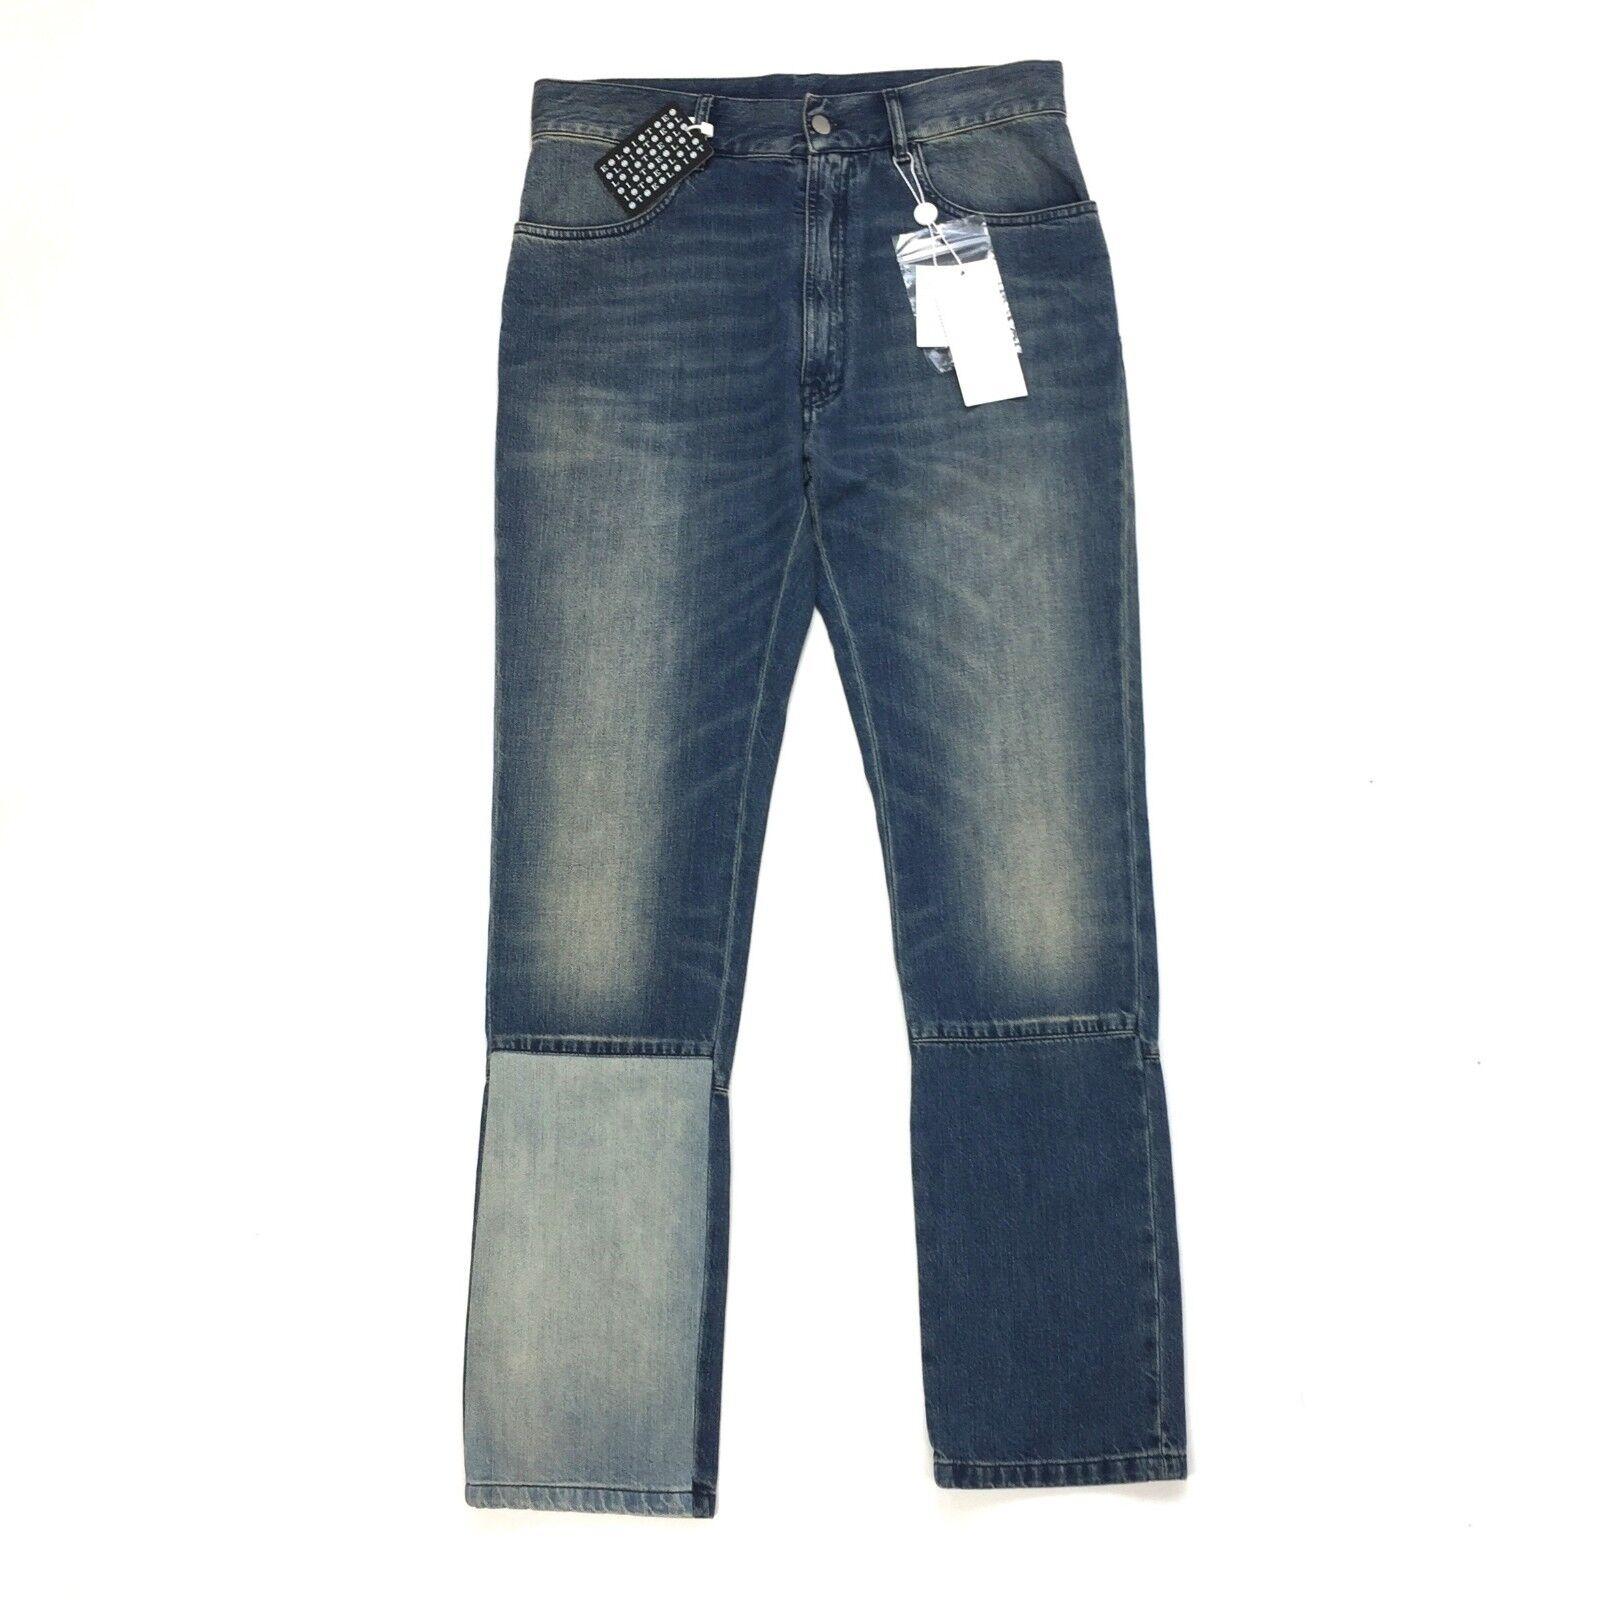 NWT  Maison Margiela Men's Artisanal Patchwork Vintage Denim Jeans AUTHENTIC